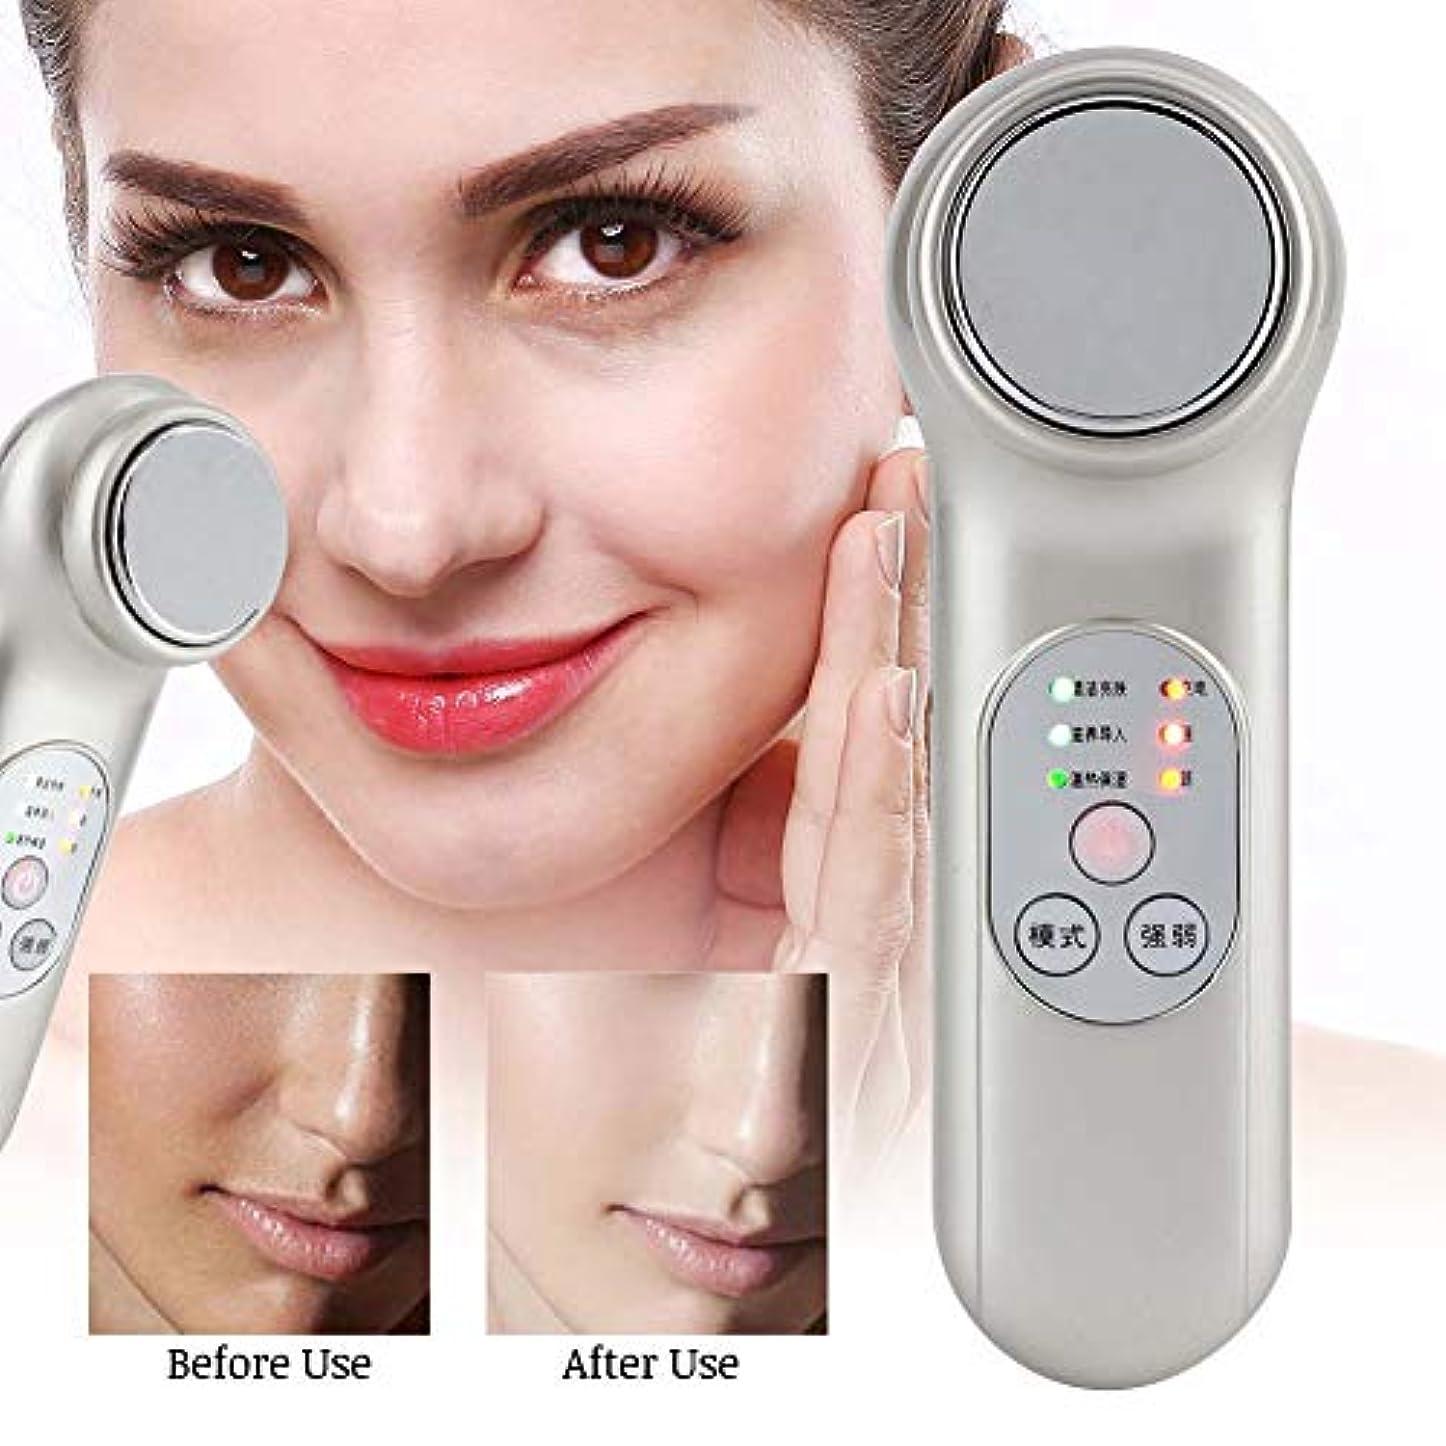 オレンジニュージーランドキャビン毛穴クリーナー、毛穴真空除去クリーナー電気クリーナーフェイスマッサージャー女性と男性のための皮膚美容デバイス